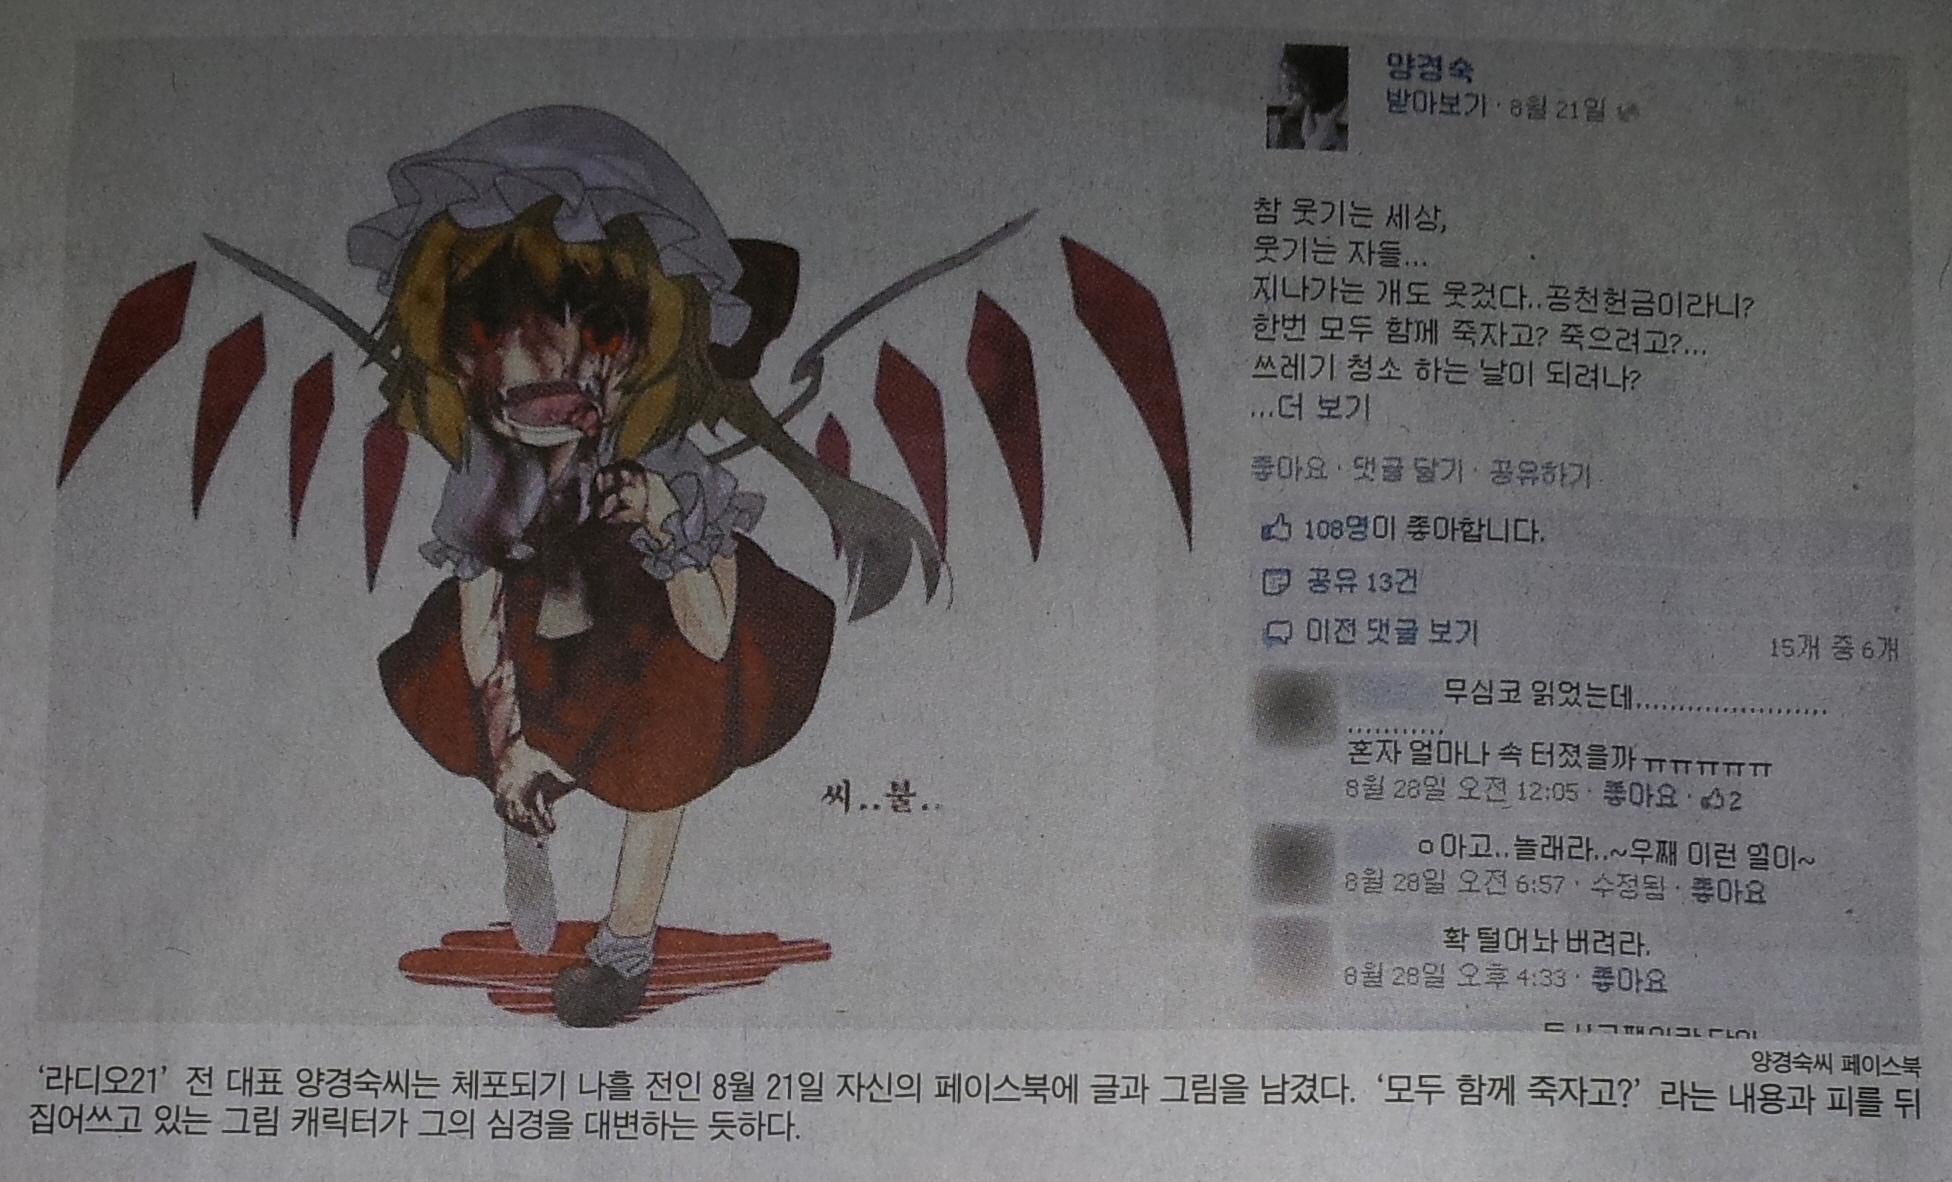 조선일보에 플랑드르 스칼렛 출현